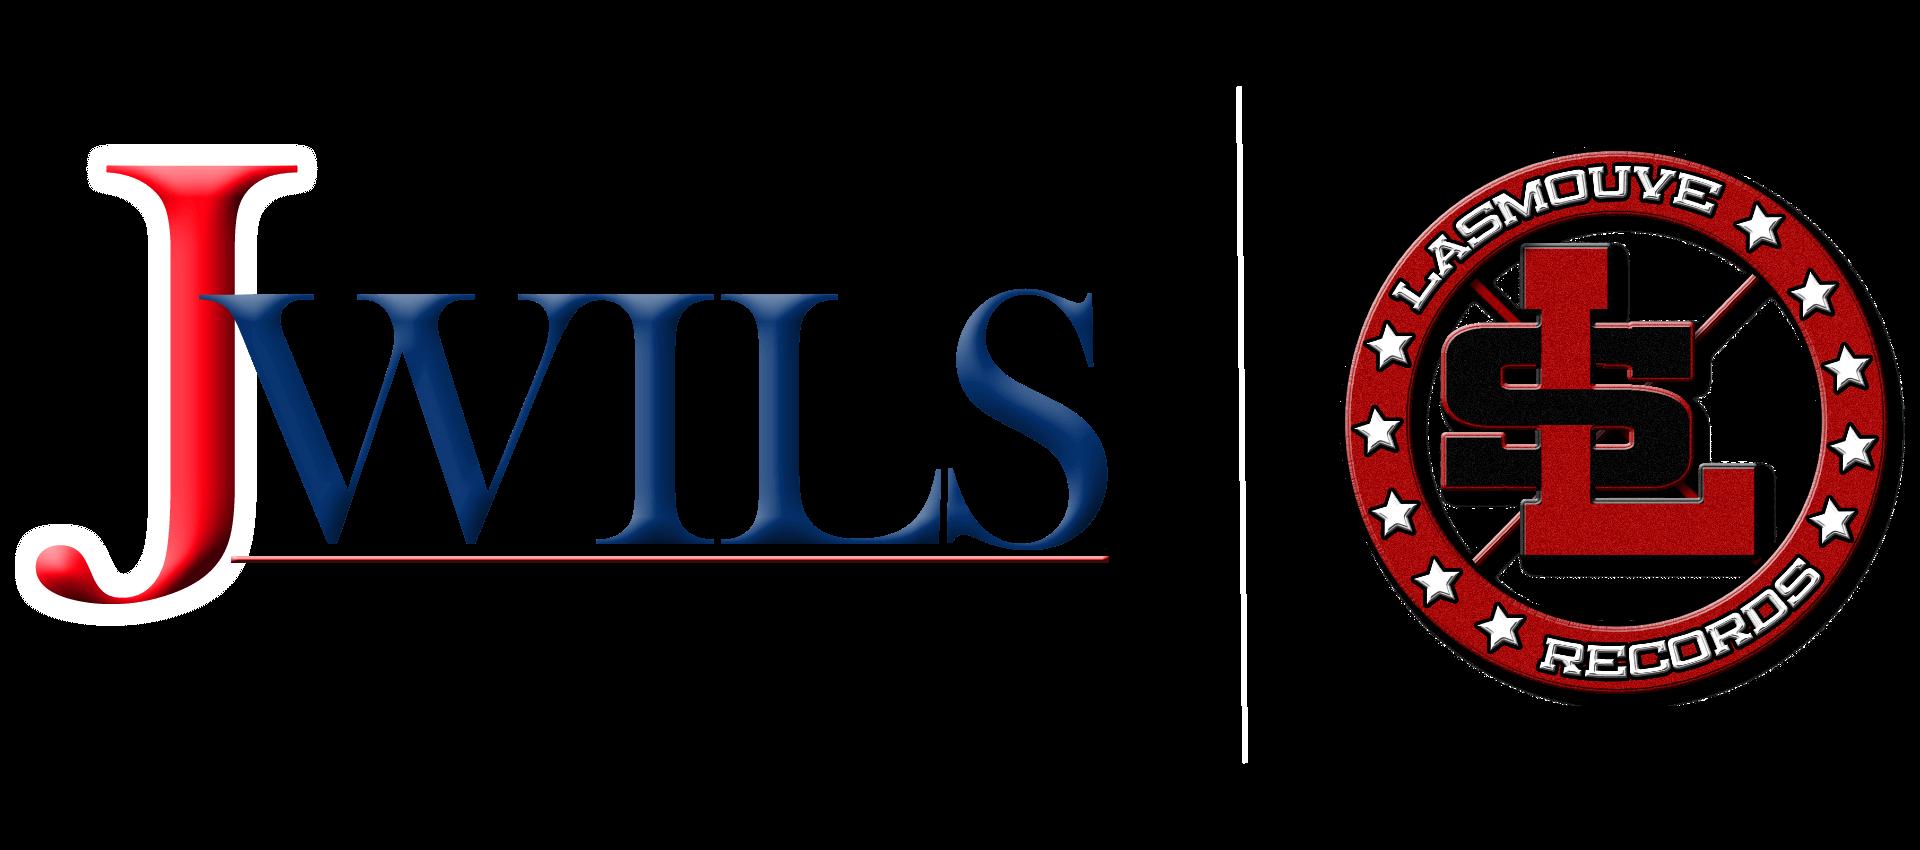 J Wils